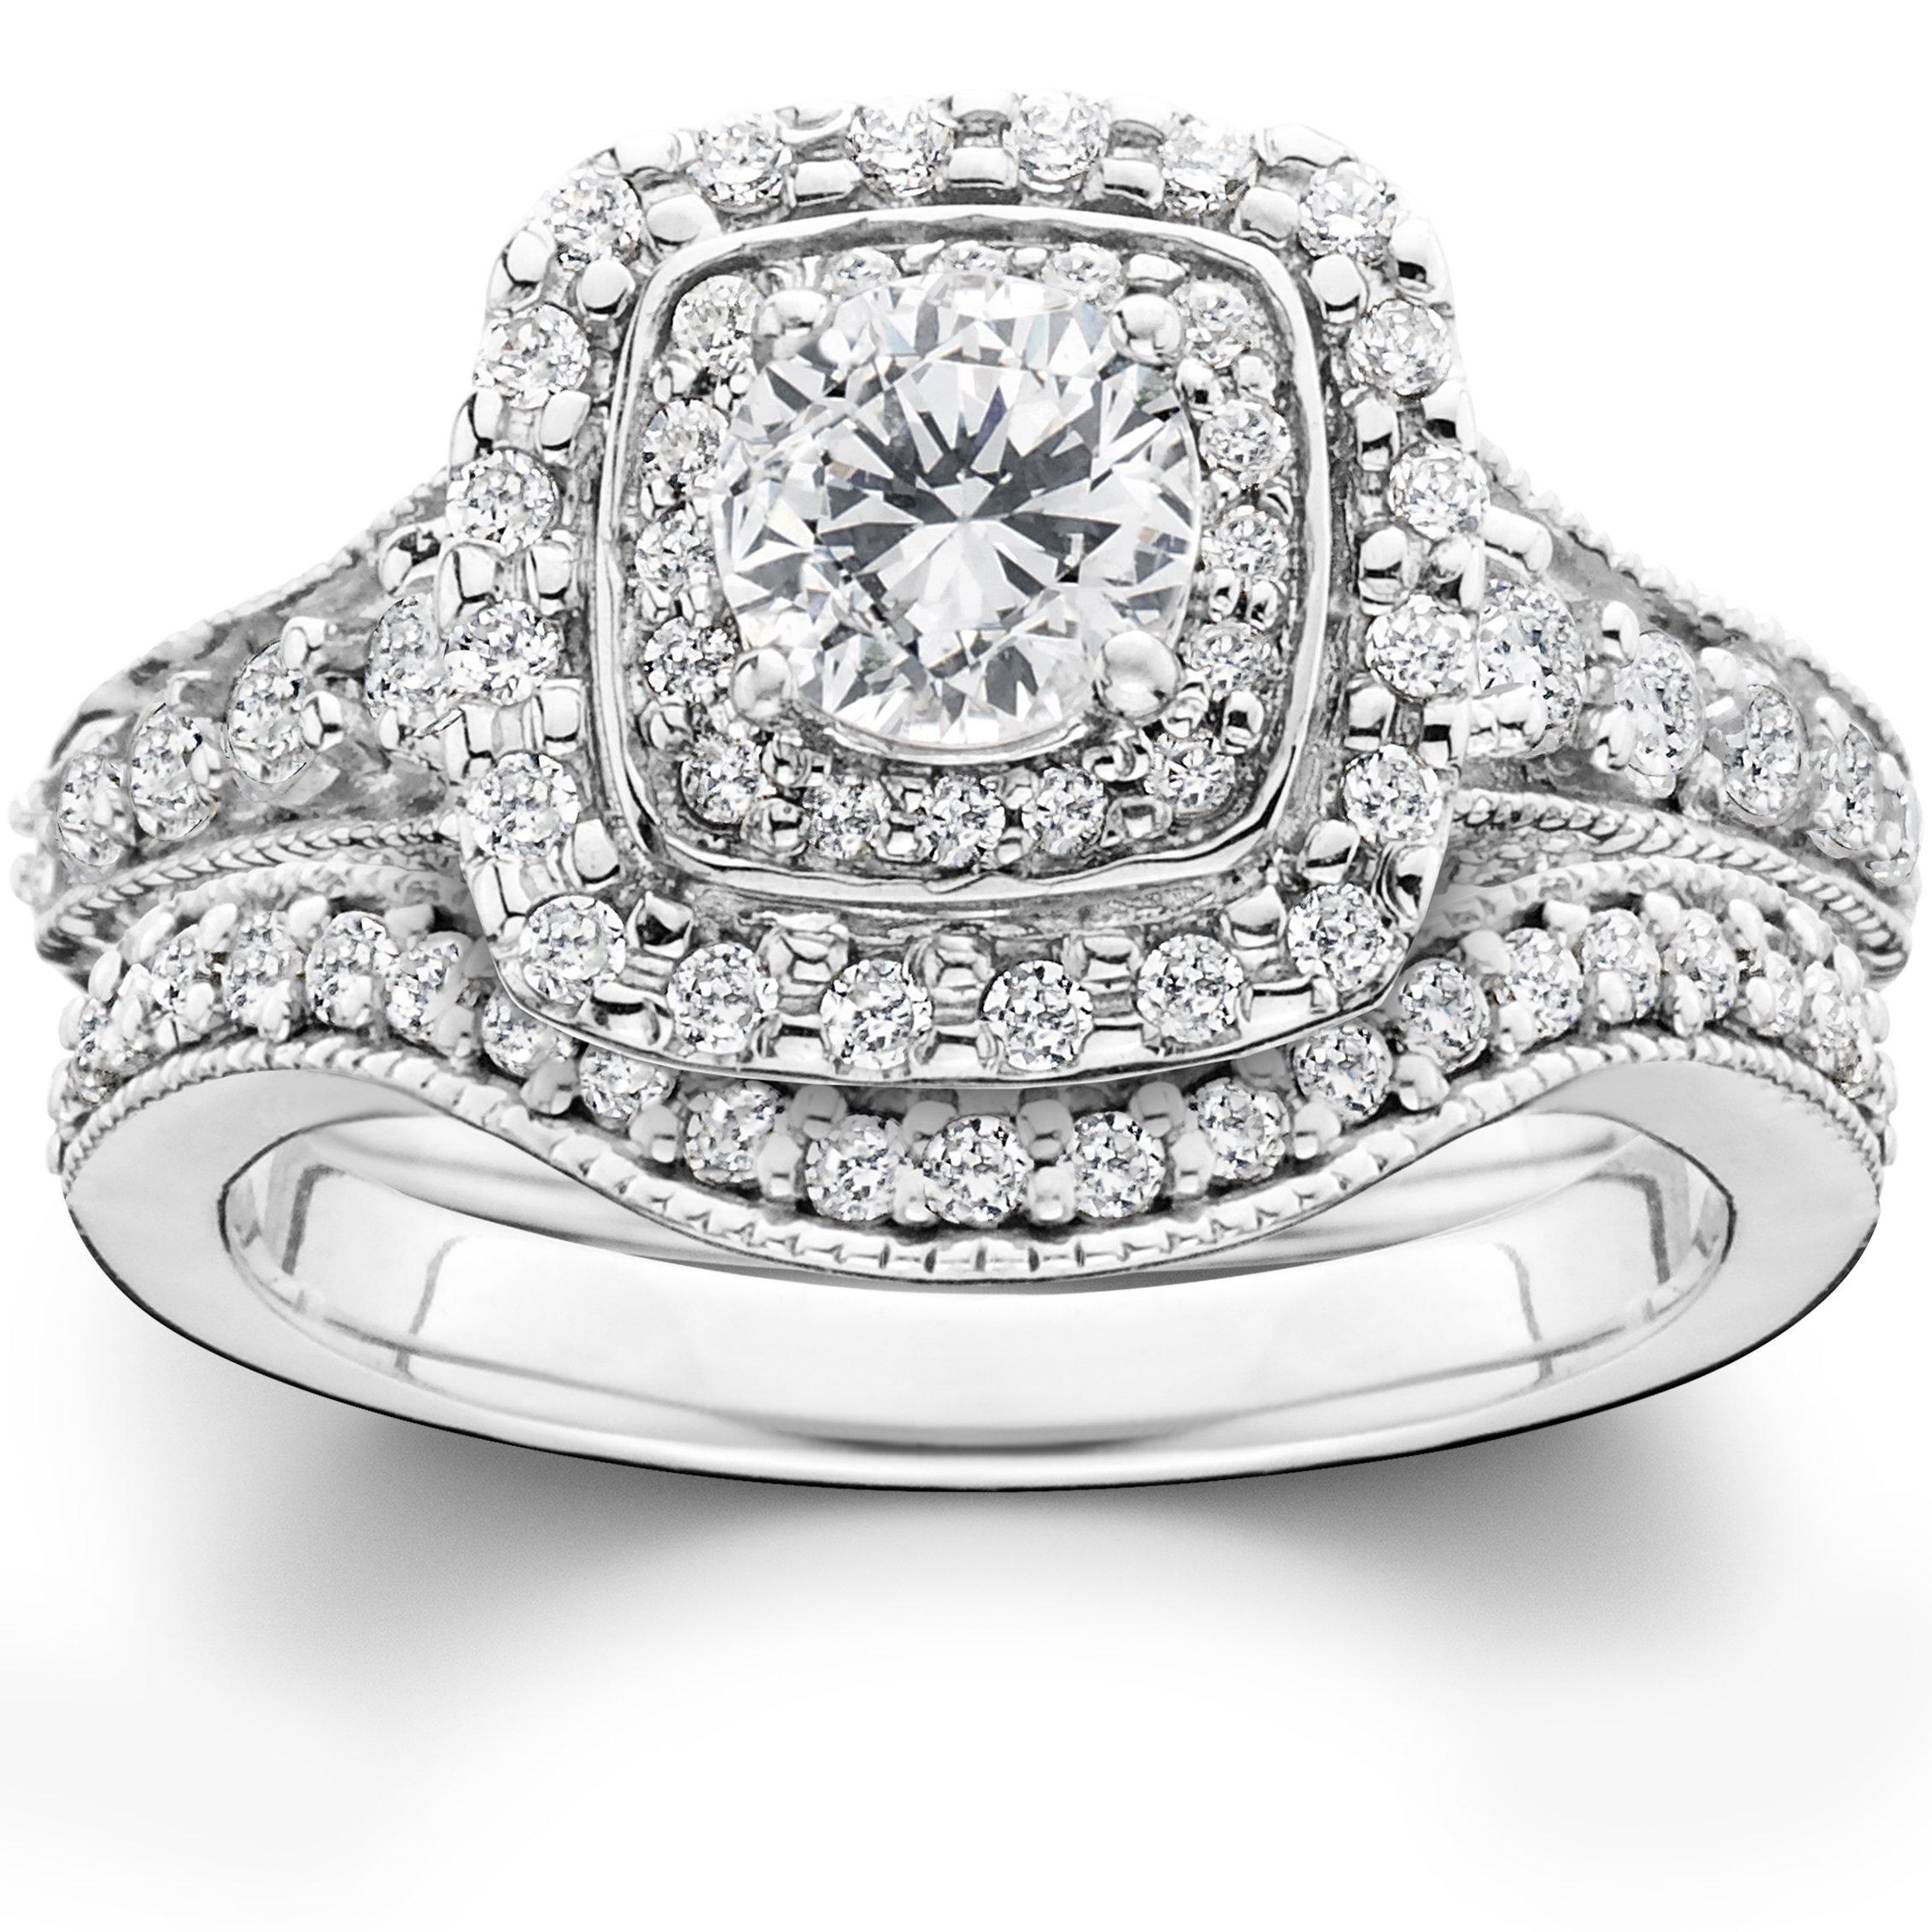 1 3/4ct Double Halo Vintage Style Engagement Wedding Ring Set 14K White Gold